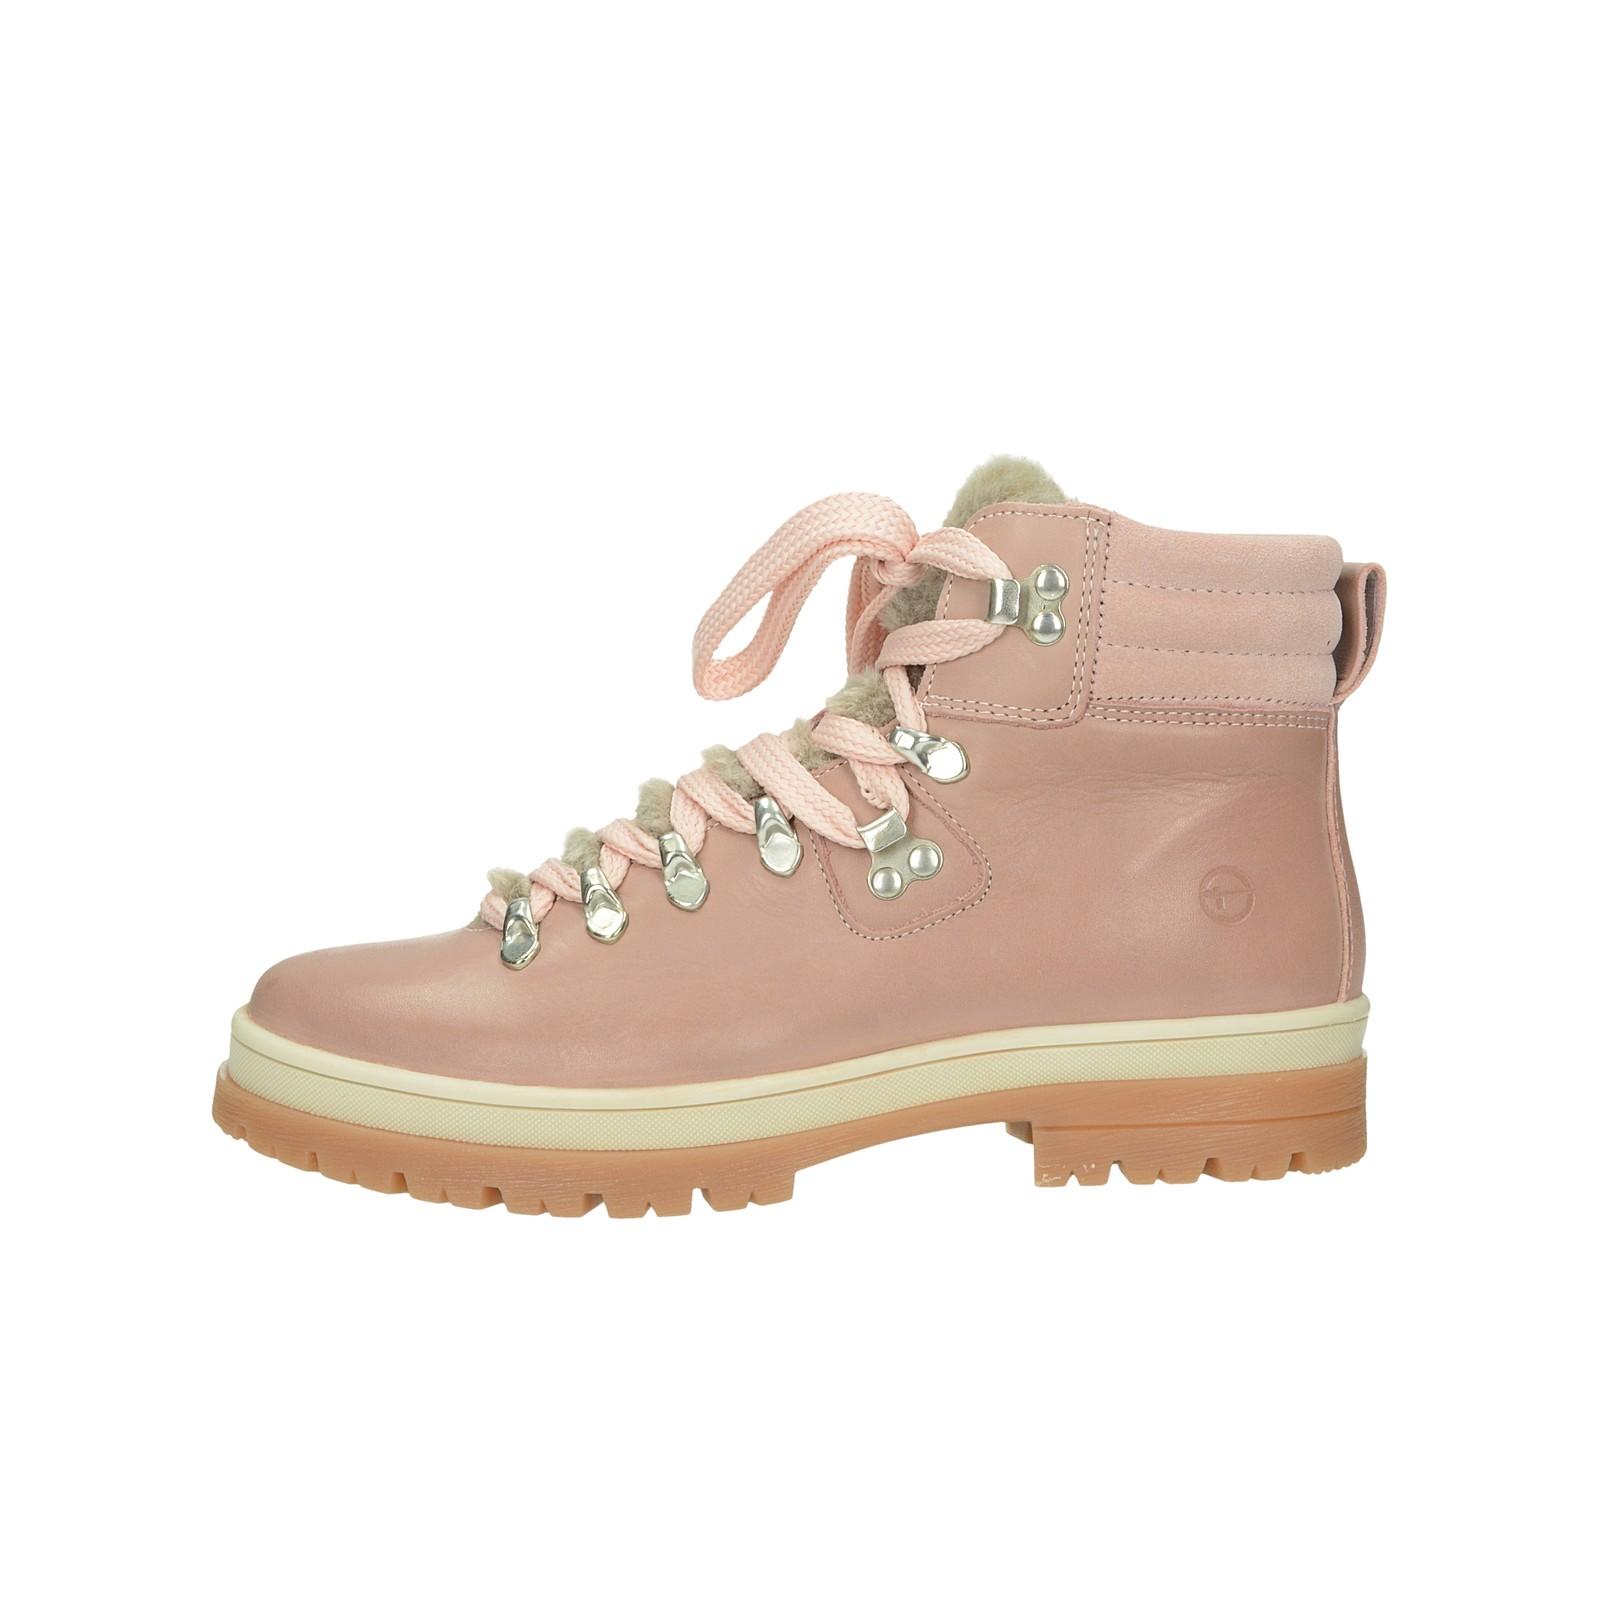 1846be843dd8c Kotníková obuv. Tamaris dámské stylové kotníkové boty - růžové Tamaris  dámské stylové kotníkové boty - růžové ...